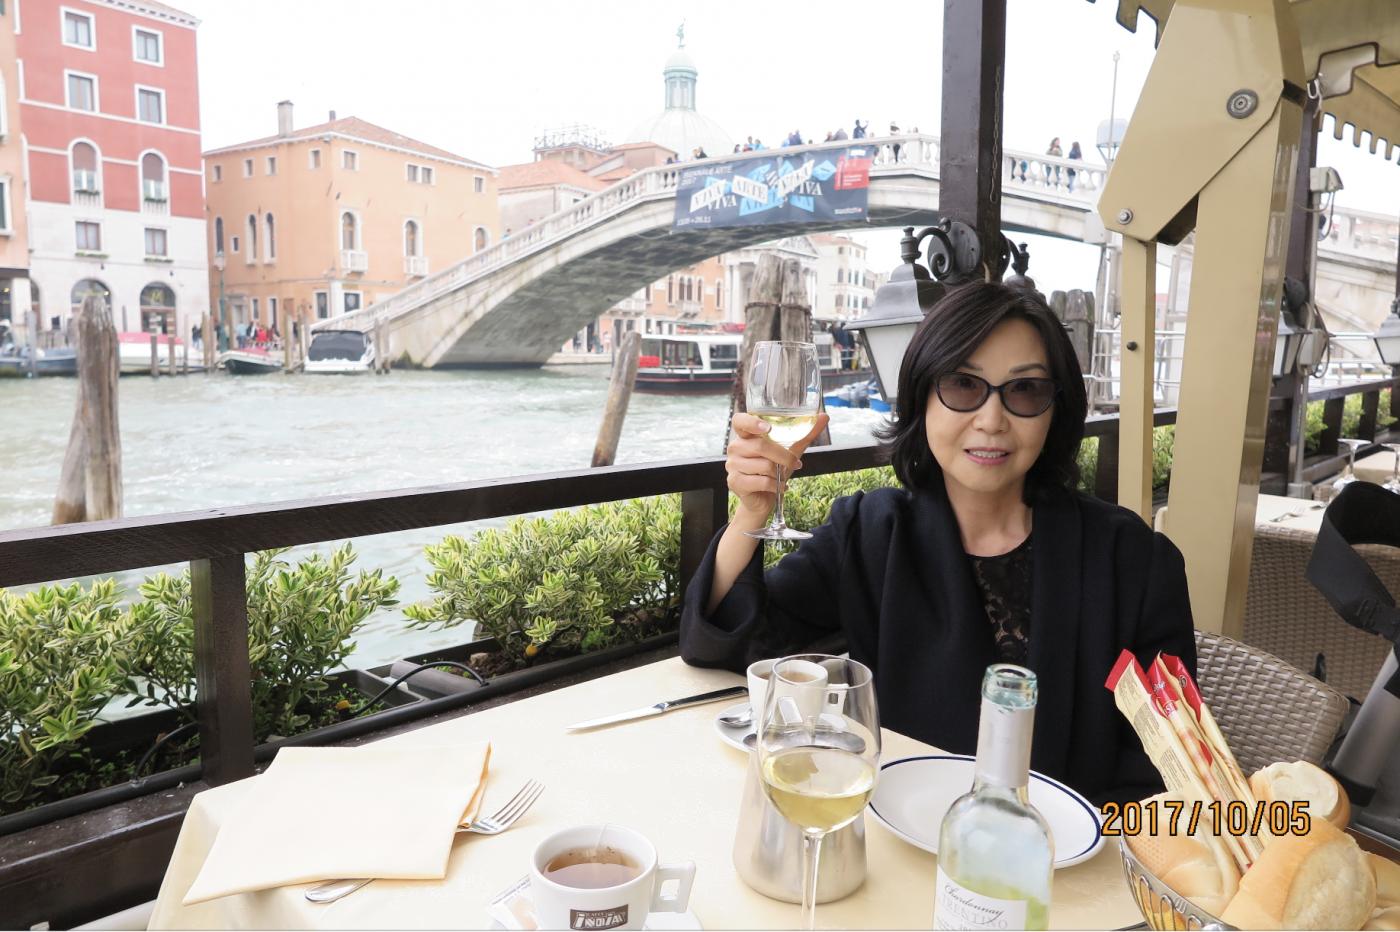 水乡威尼斯:无限的魅力永久的回忆_图1-2